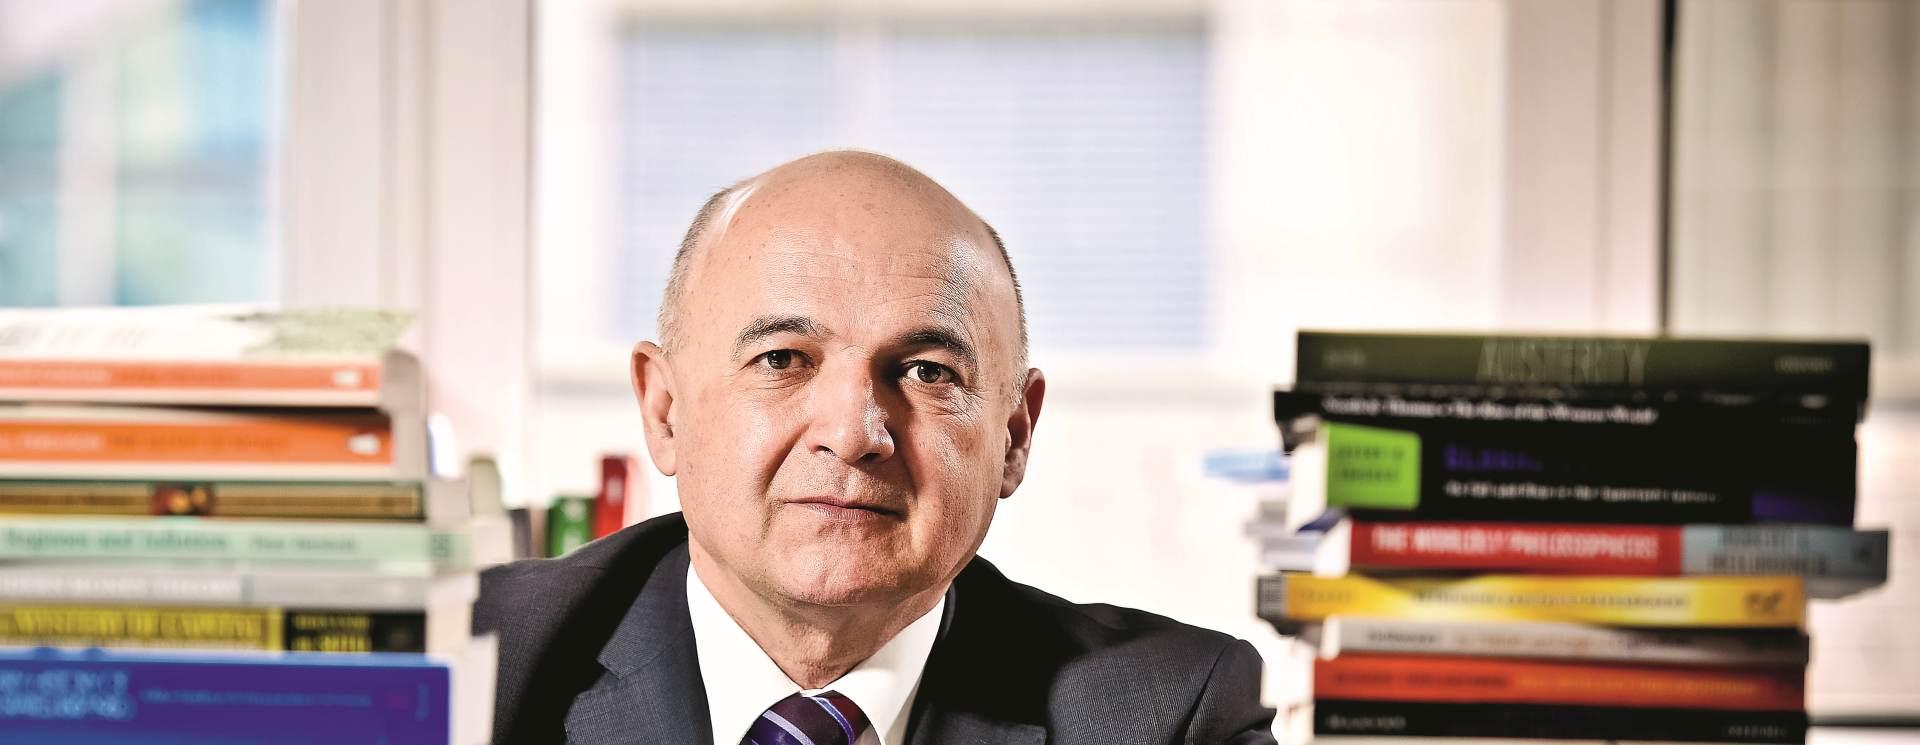 GOST KOLUMNIST Ljubo Jurčić: Programi HDZ-a i SDP-a pokazuju da će Hrvatska dugo čekati bolji život